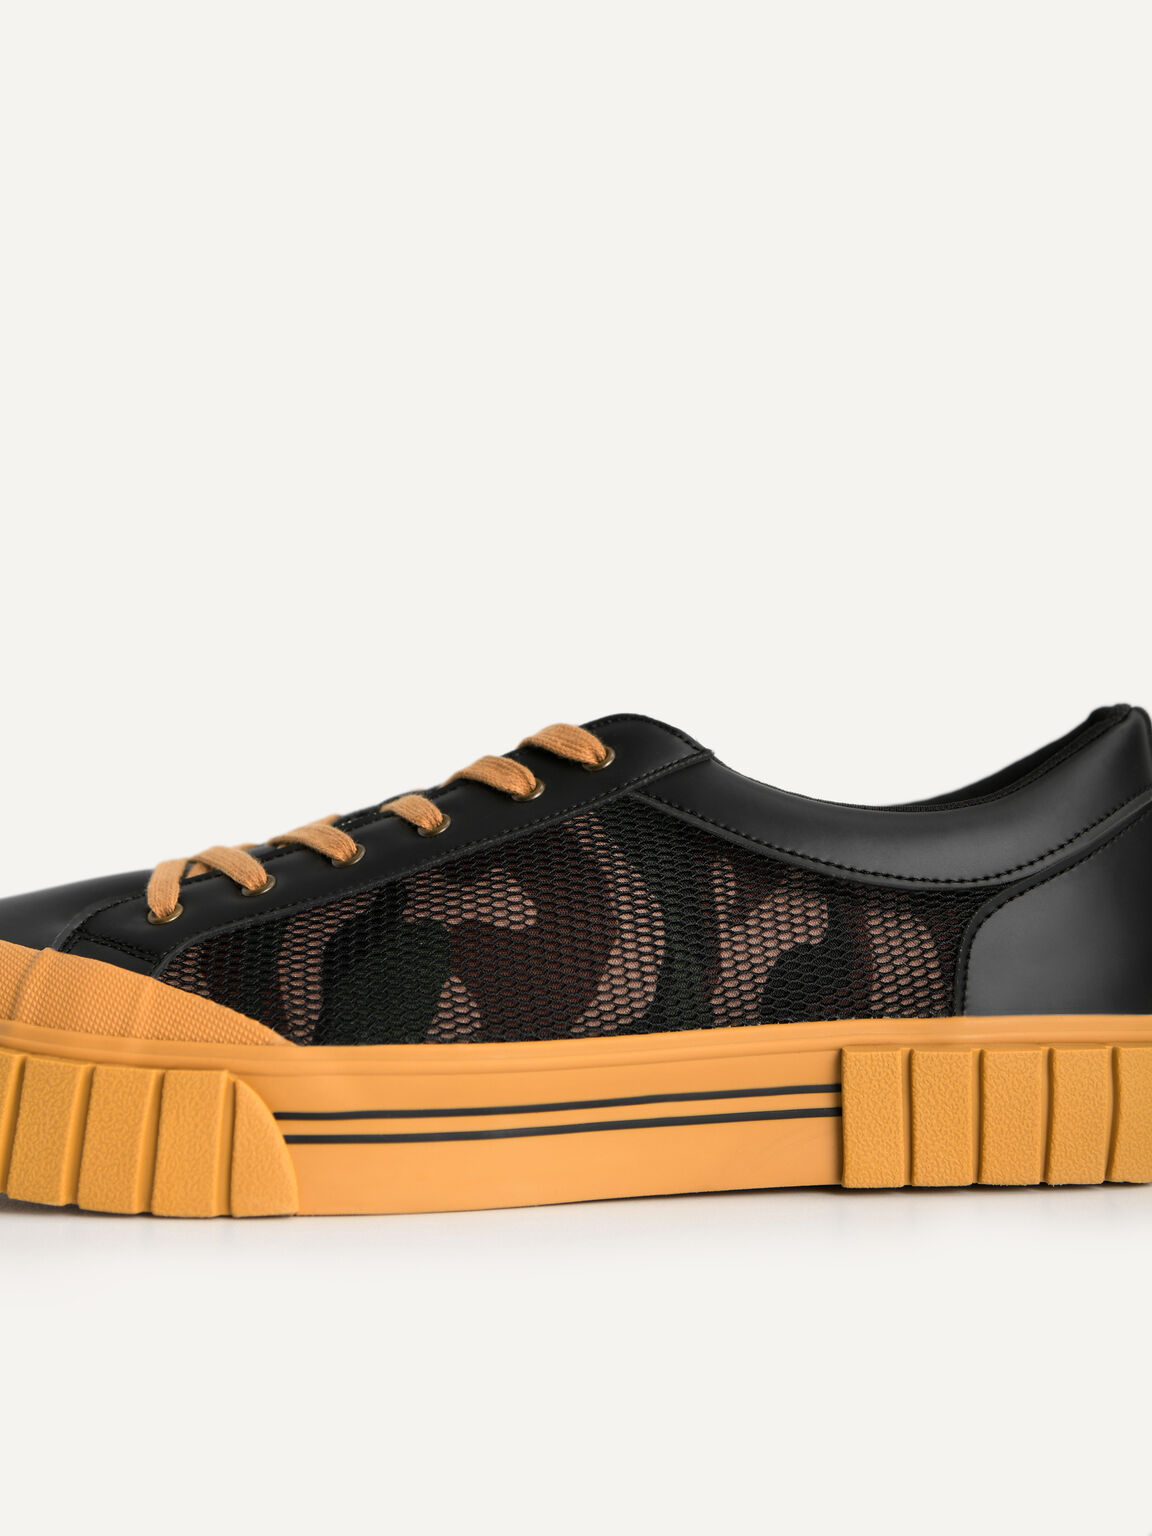 Beat Sneakers, Multi, hi-res